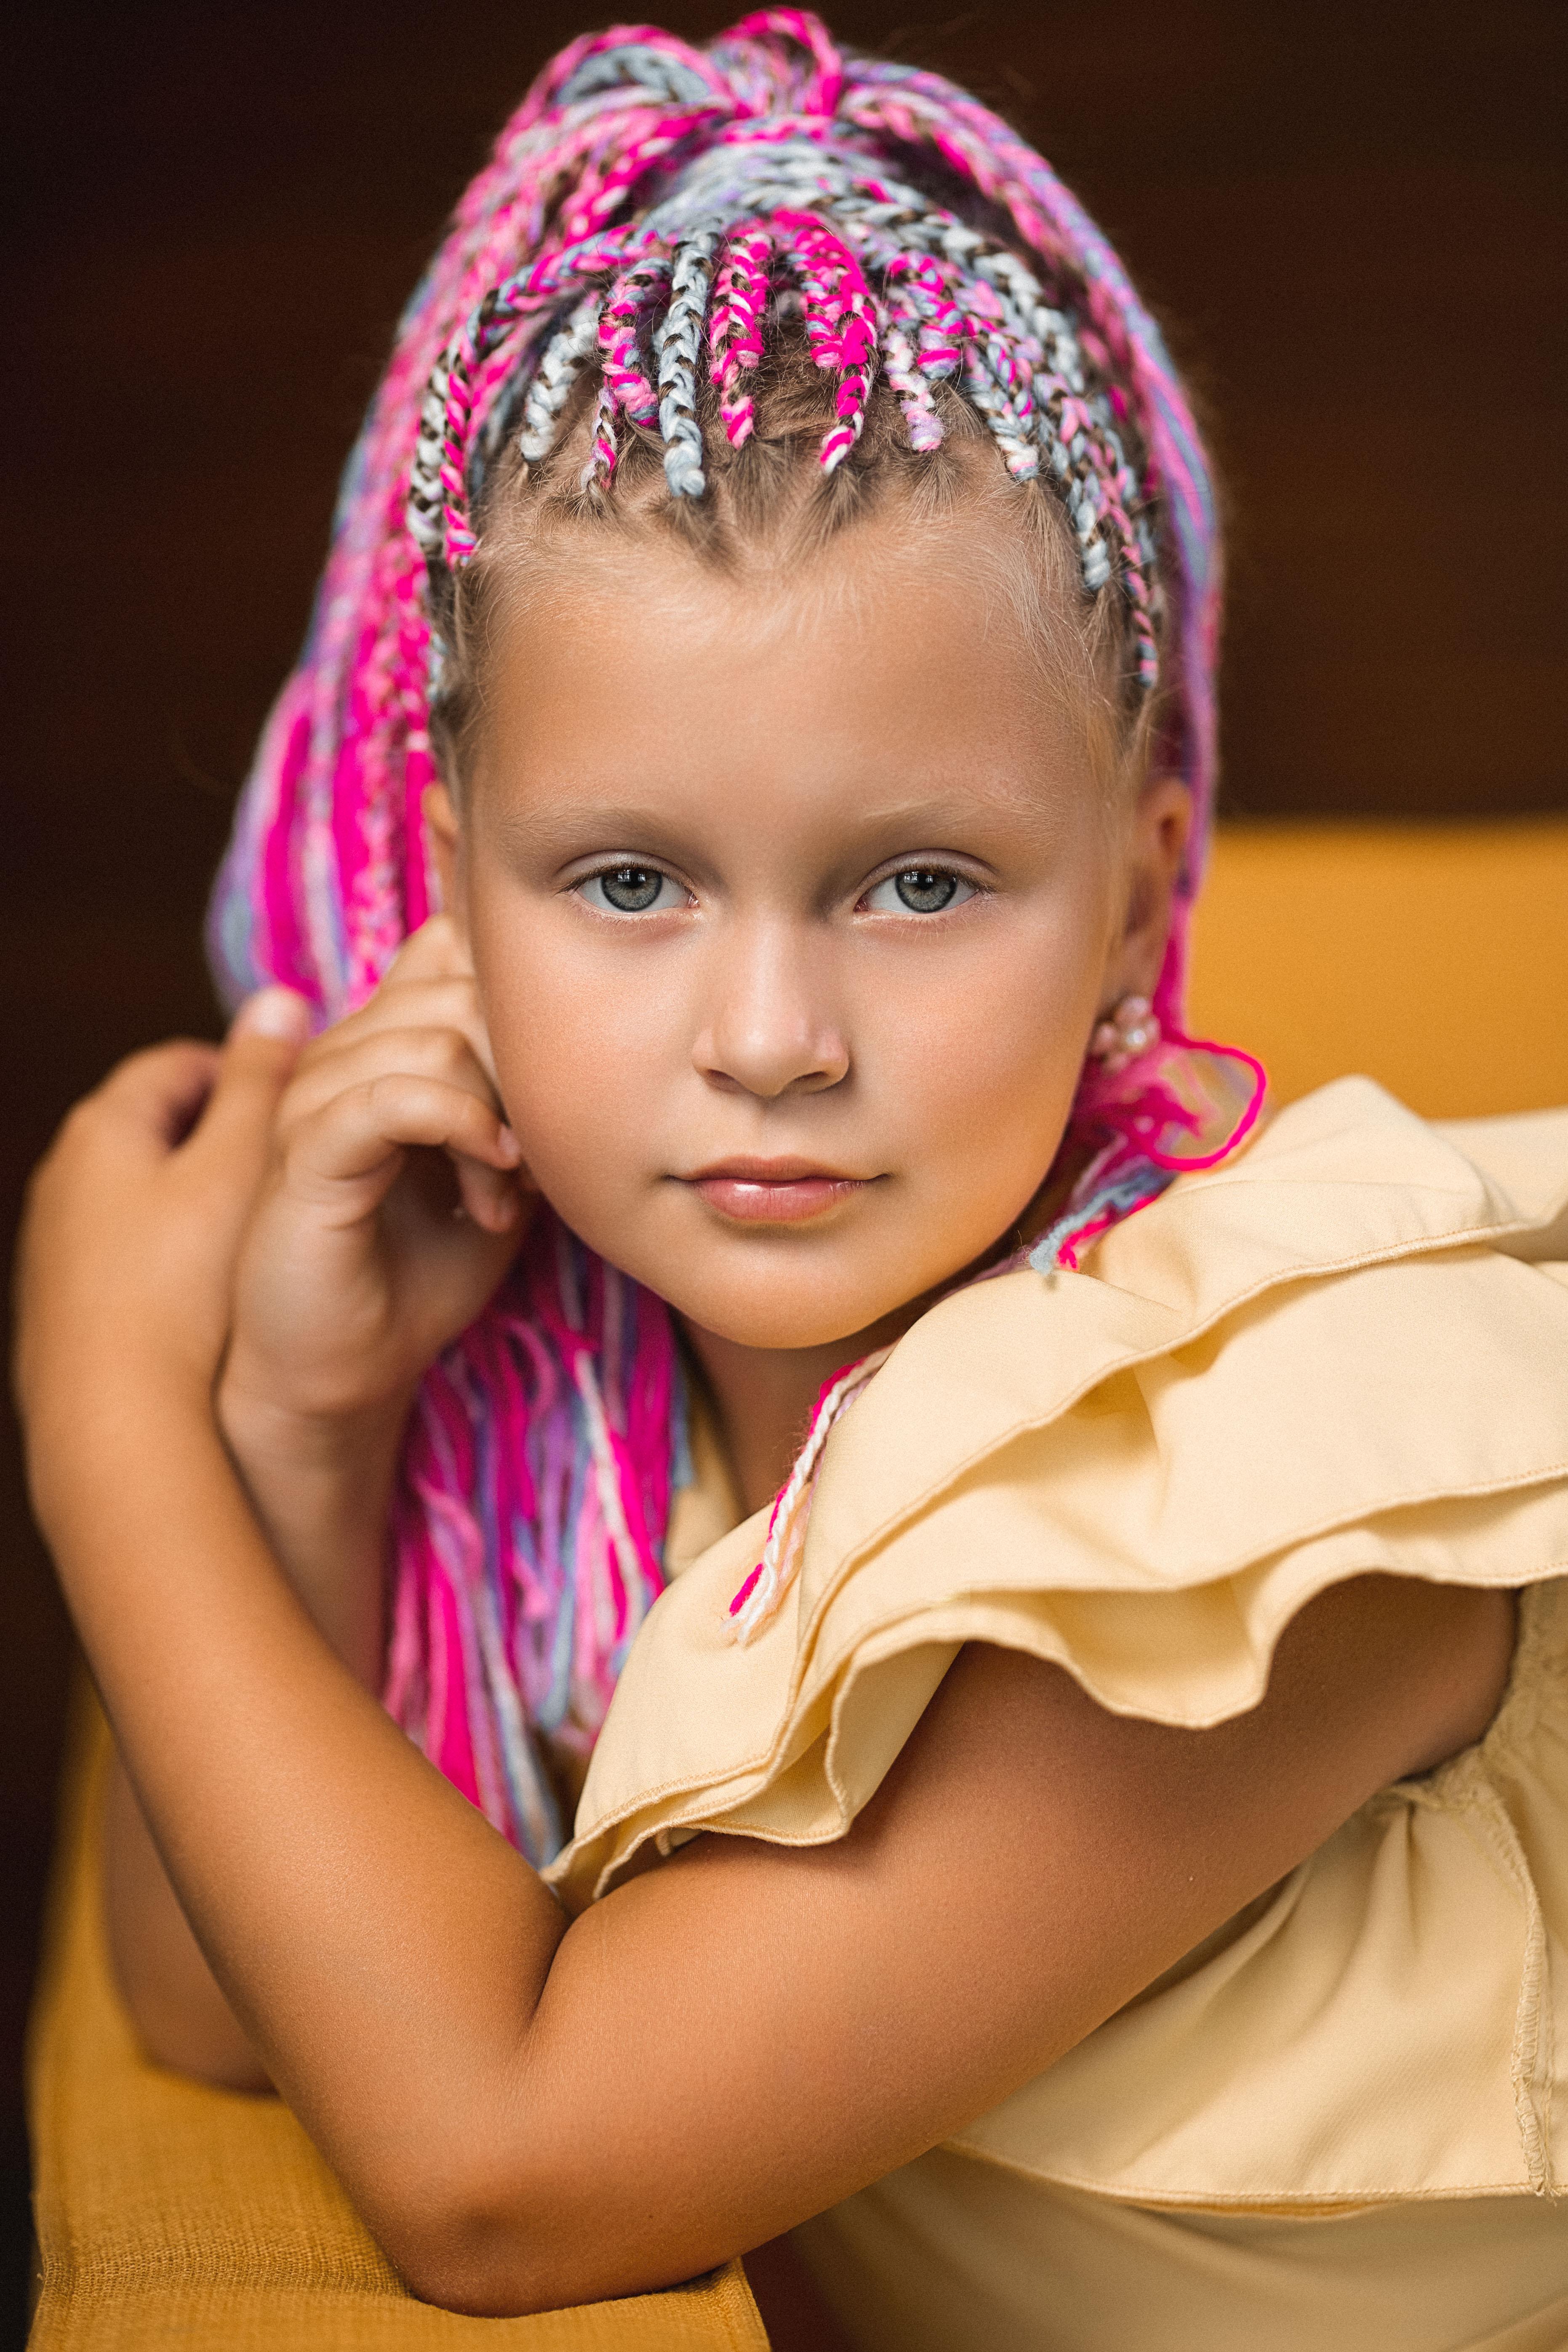 девочка, портрет, фотосессия, girl, young, portrait, творческий портрет, детский портрет, young girl, дети, children, детская фотография, детская фотосессия, постановка, постановочная фотография, Васильев Владимир